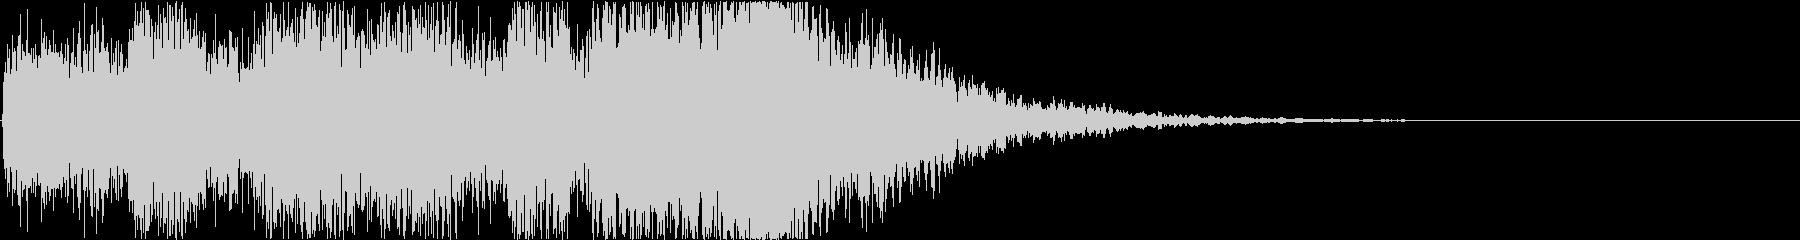 軽快なマリンバと木管のサウンドロゴの未再生の波形